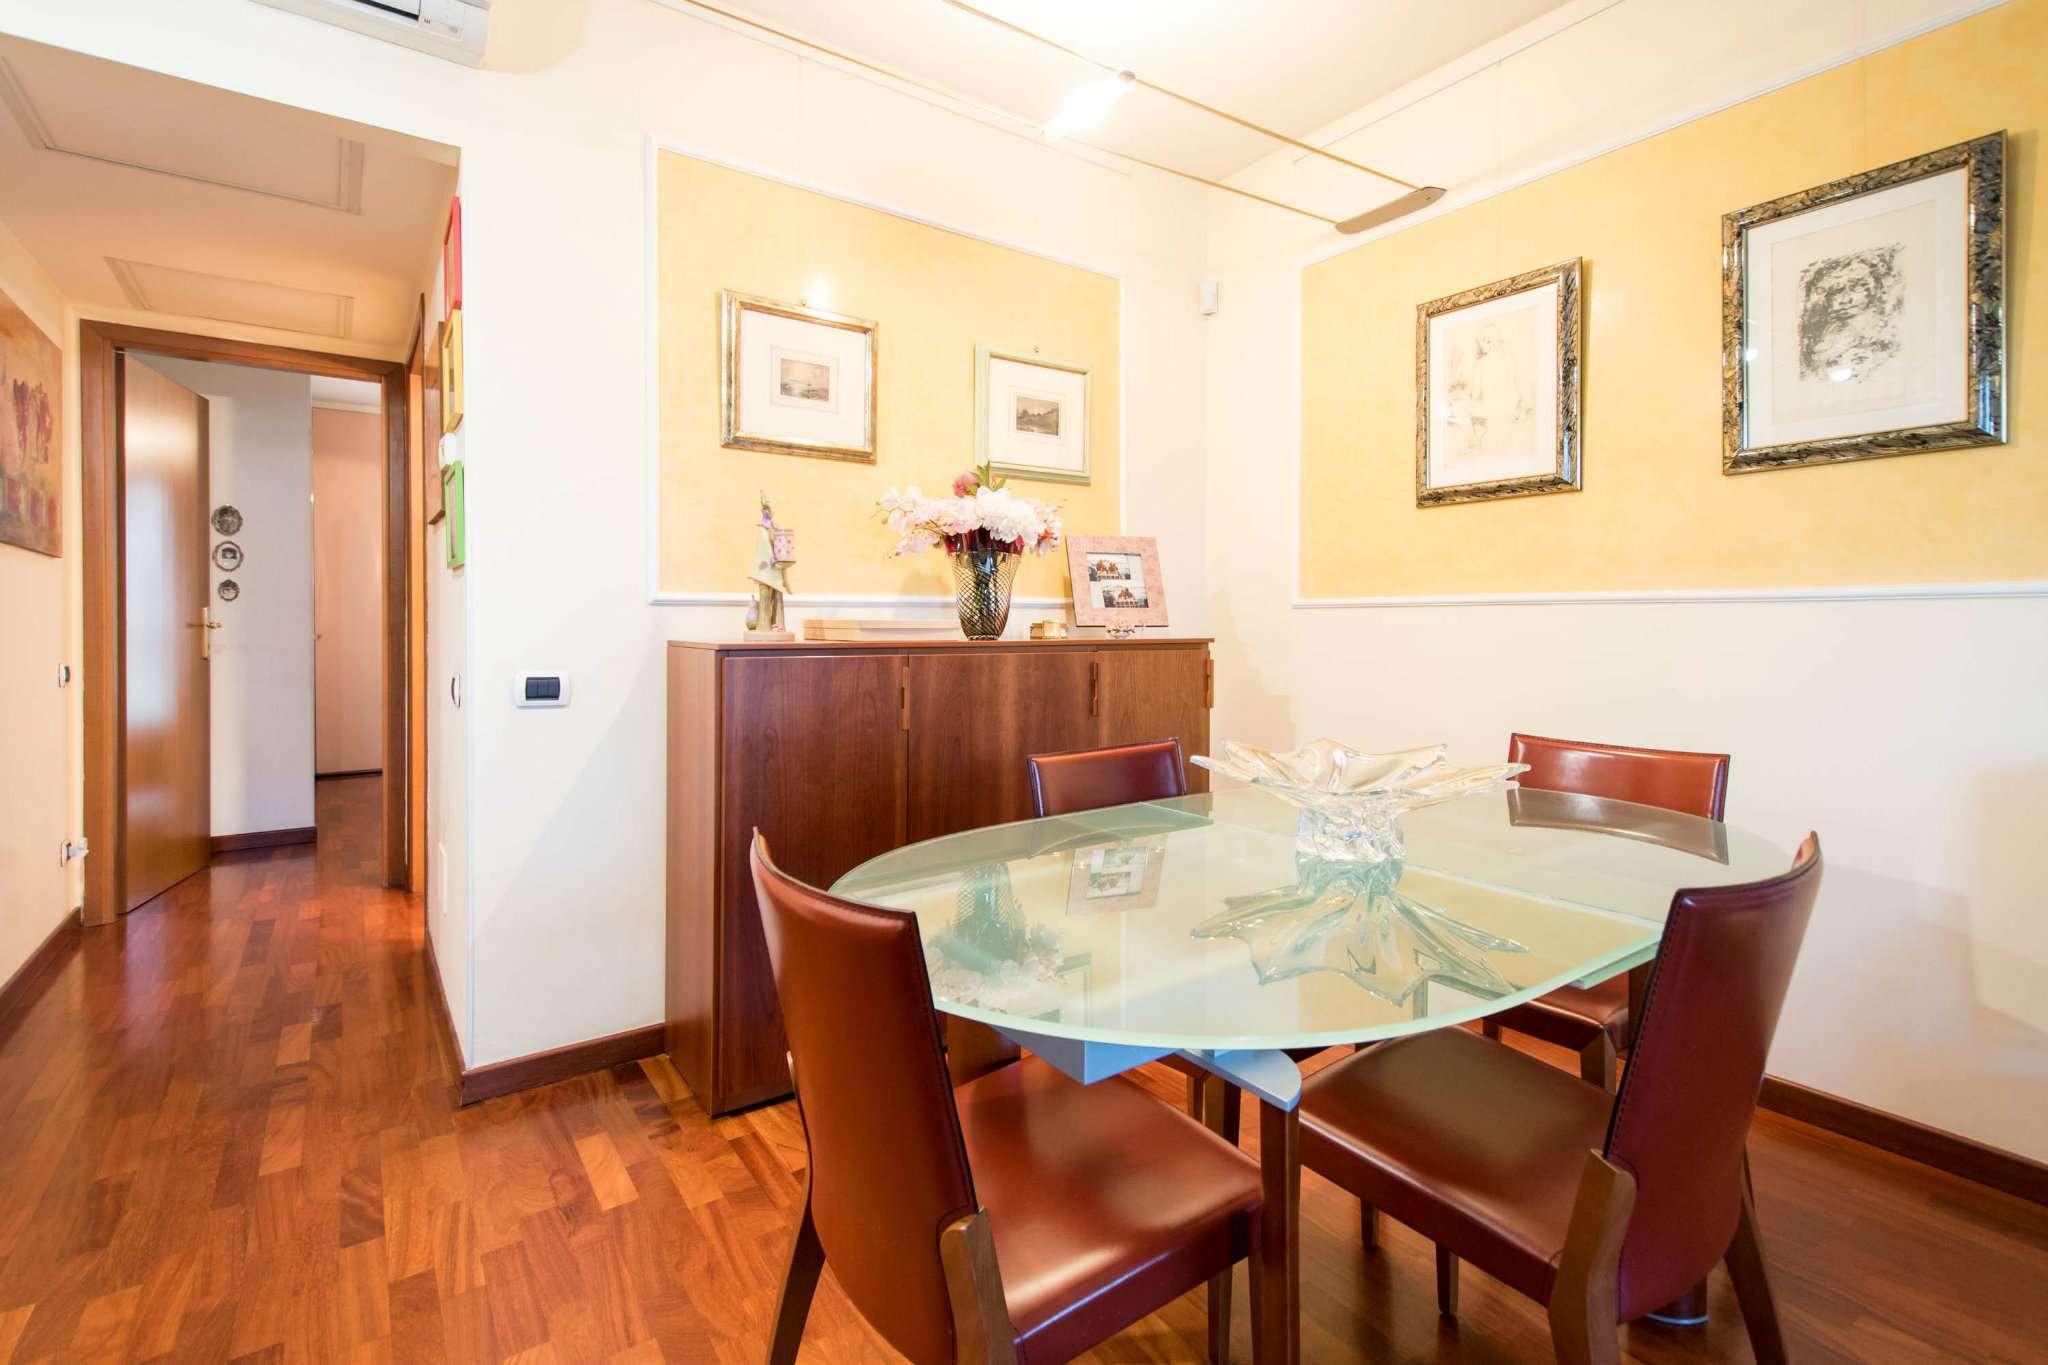 Trilocale in affitto a Roma in Via Tersilia La Divina, 5